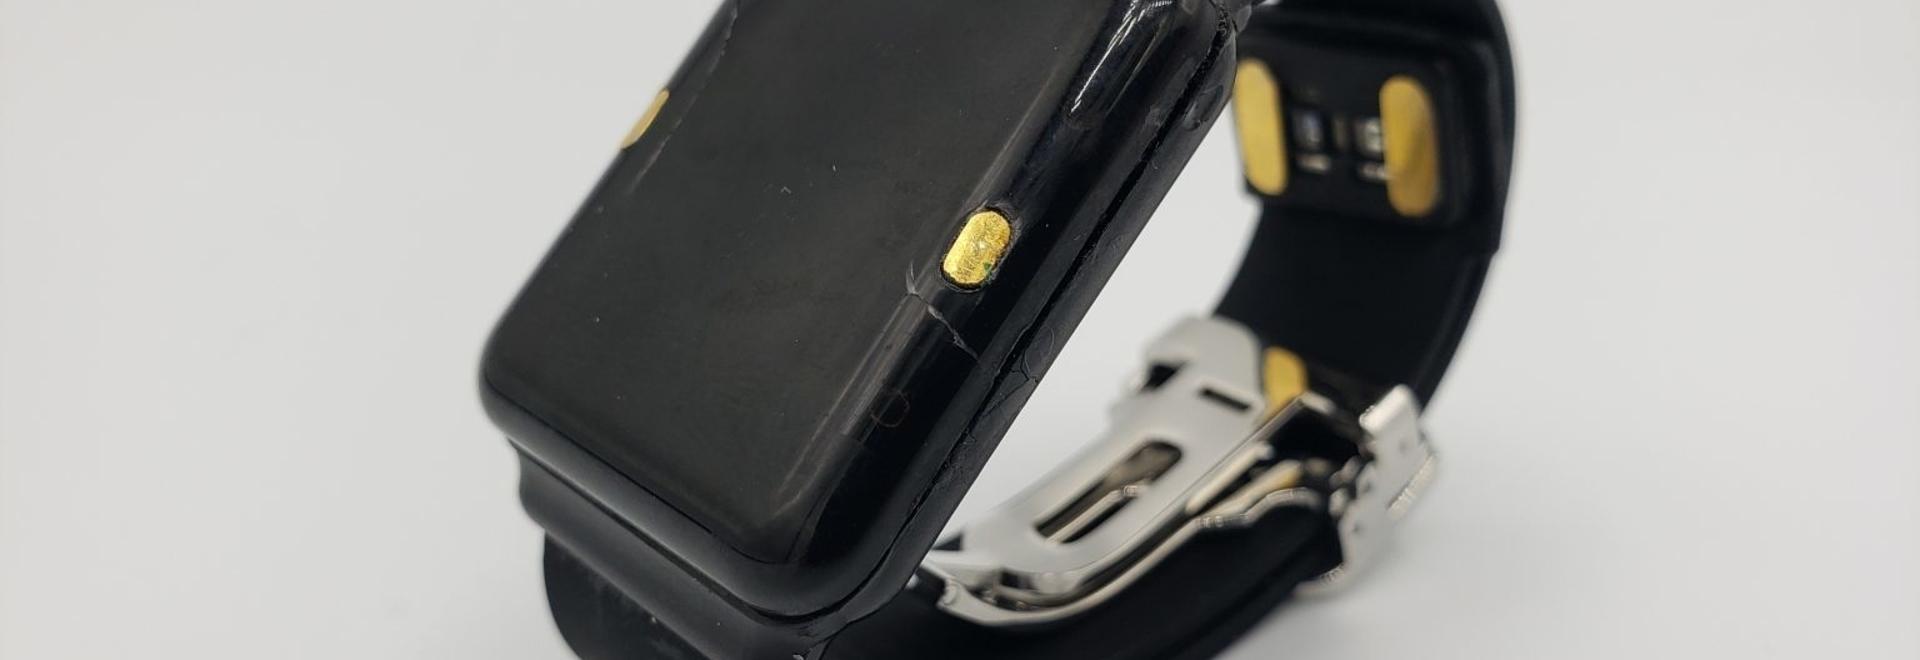 Monitor de glucosa portátil 24 horas al día y sin agujas en el CES 2021